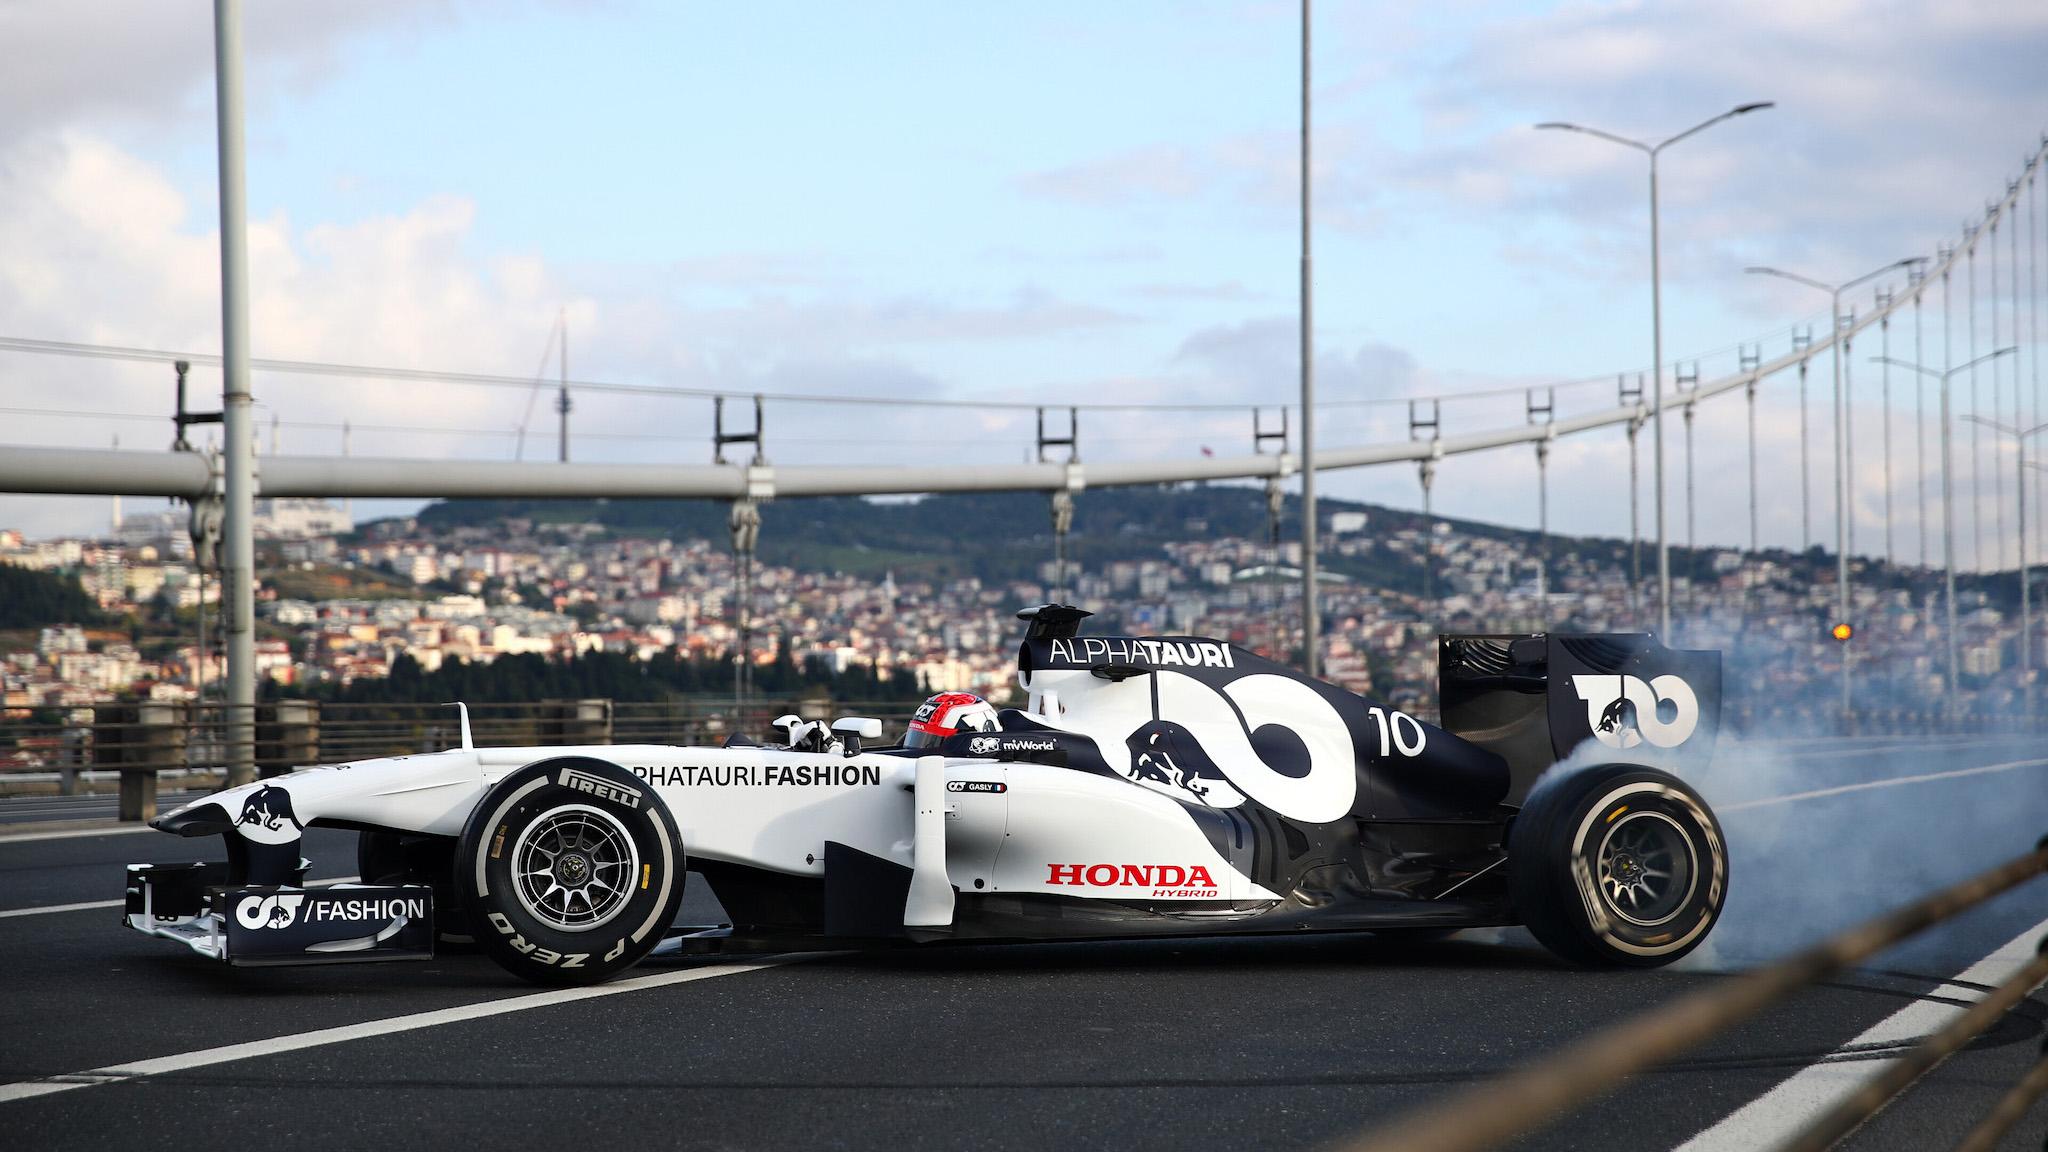 【影】Red Bull 車手 Gasly、Albon 在歐亞大陸間恣意燒胎